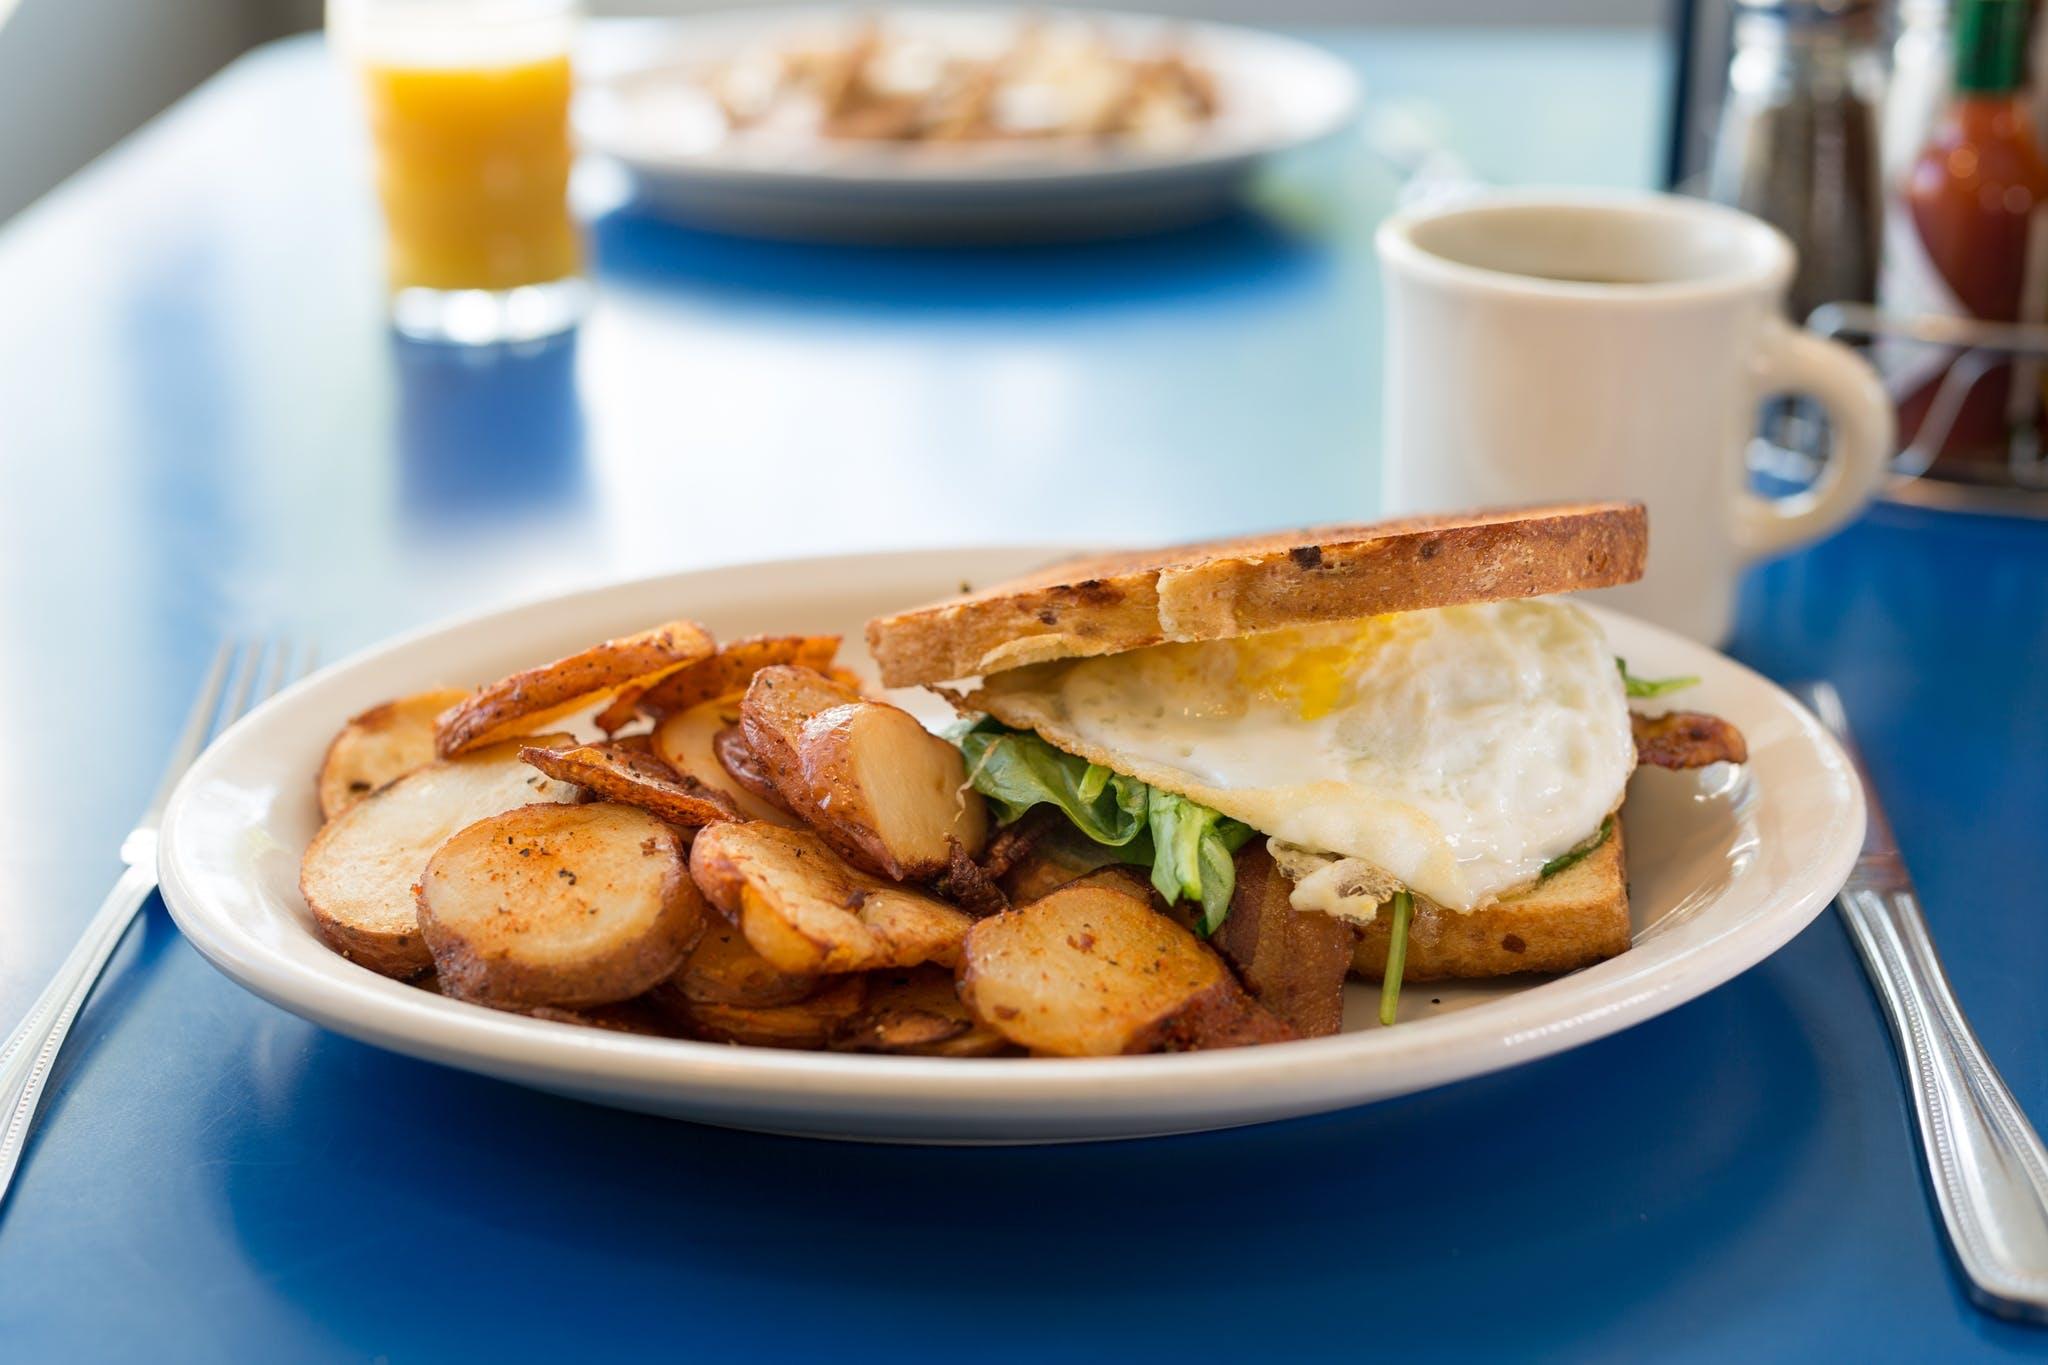 Monty's Breakfast Sandwich from Monty's Blue Plate Diner in Madison, WI